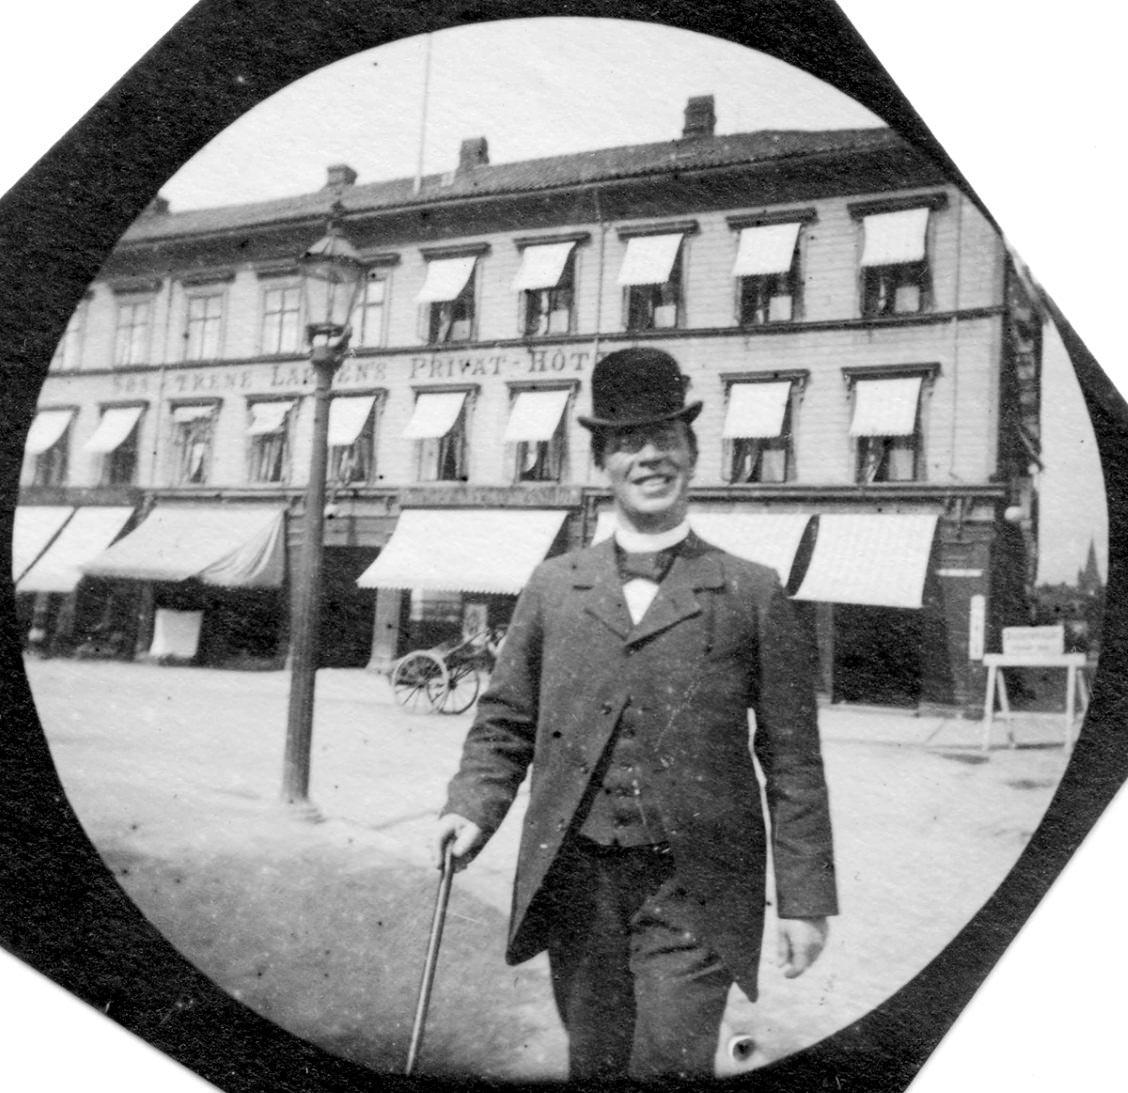 Un uomo fotografato da Carl Størmer per le strade di Oslo alla fine del '800